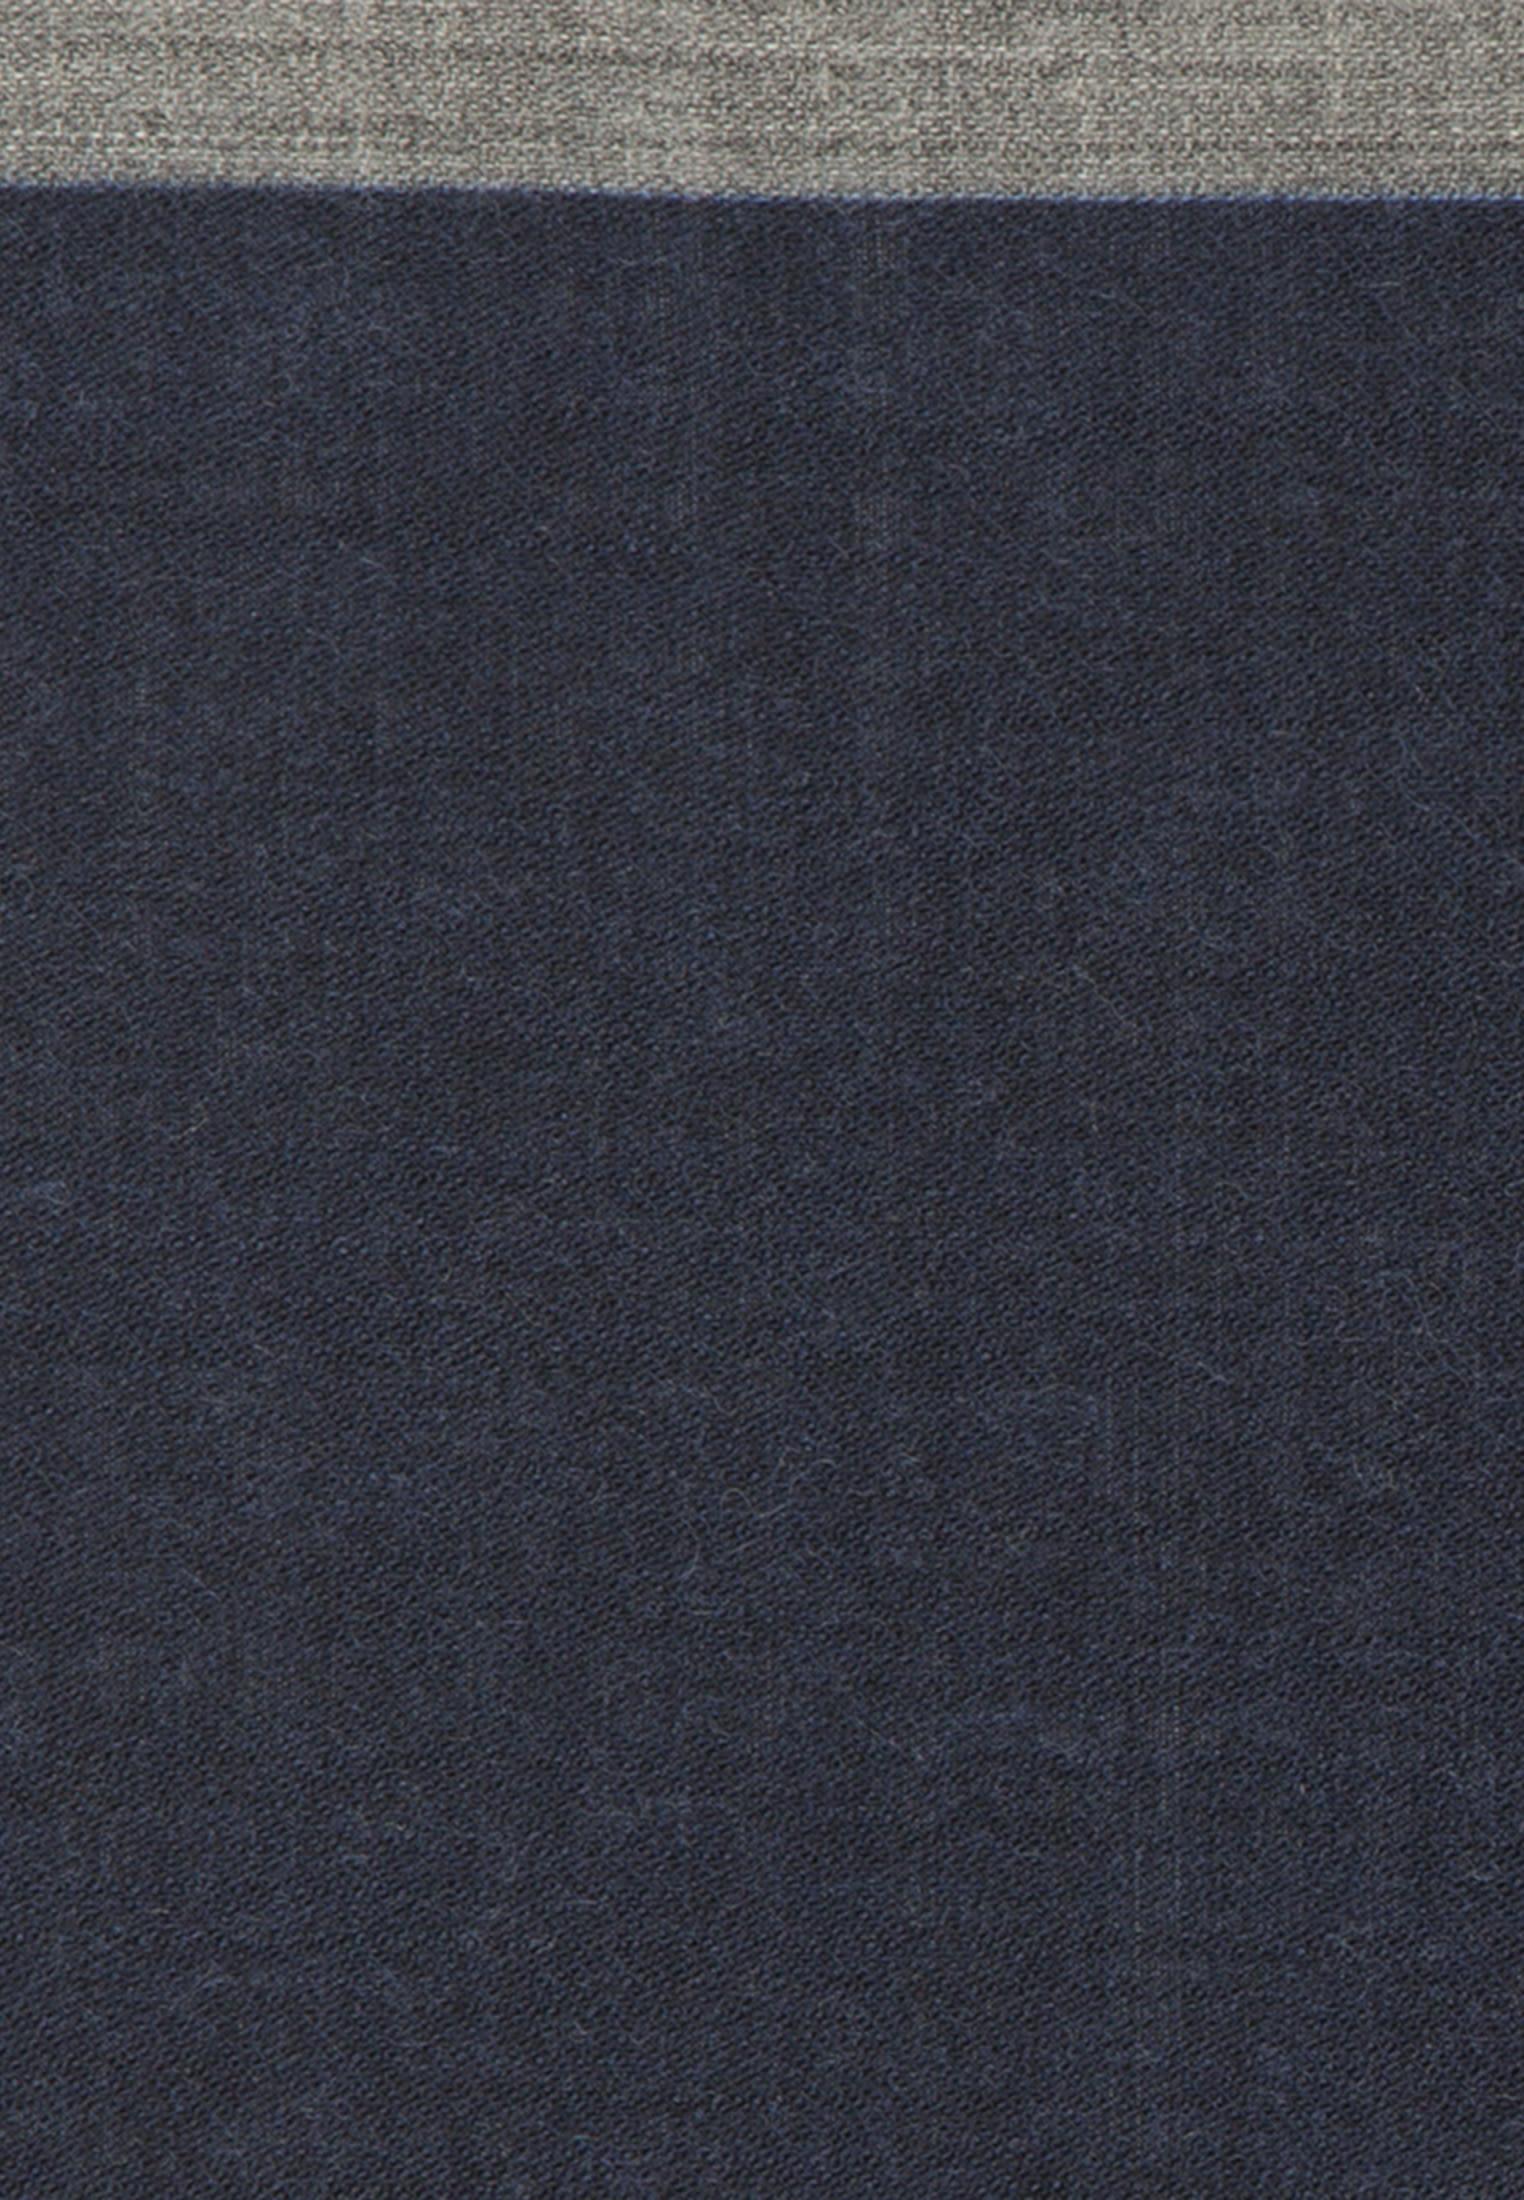 Einstecktuch aus 100% Wolle in Dunkelblau |  Jacques Britt Onlineshop